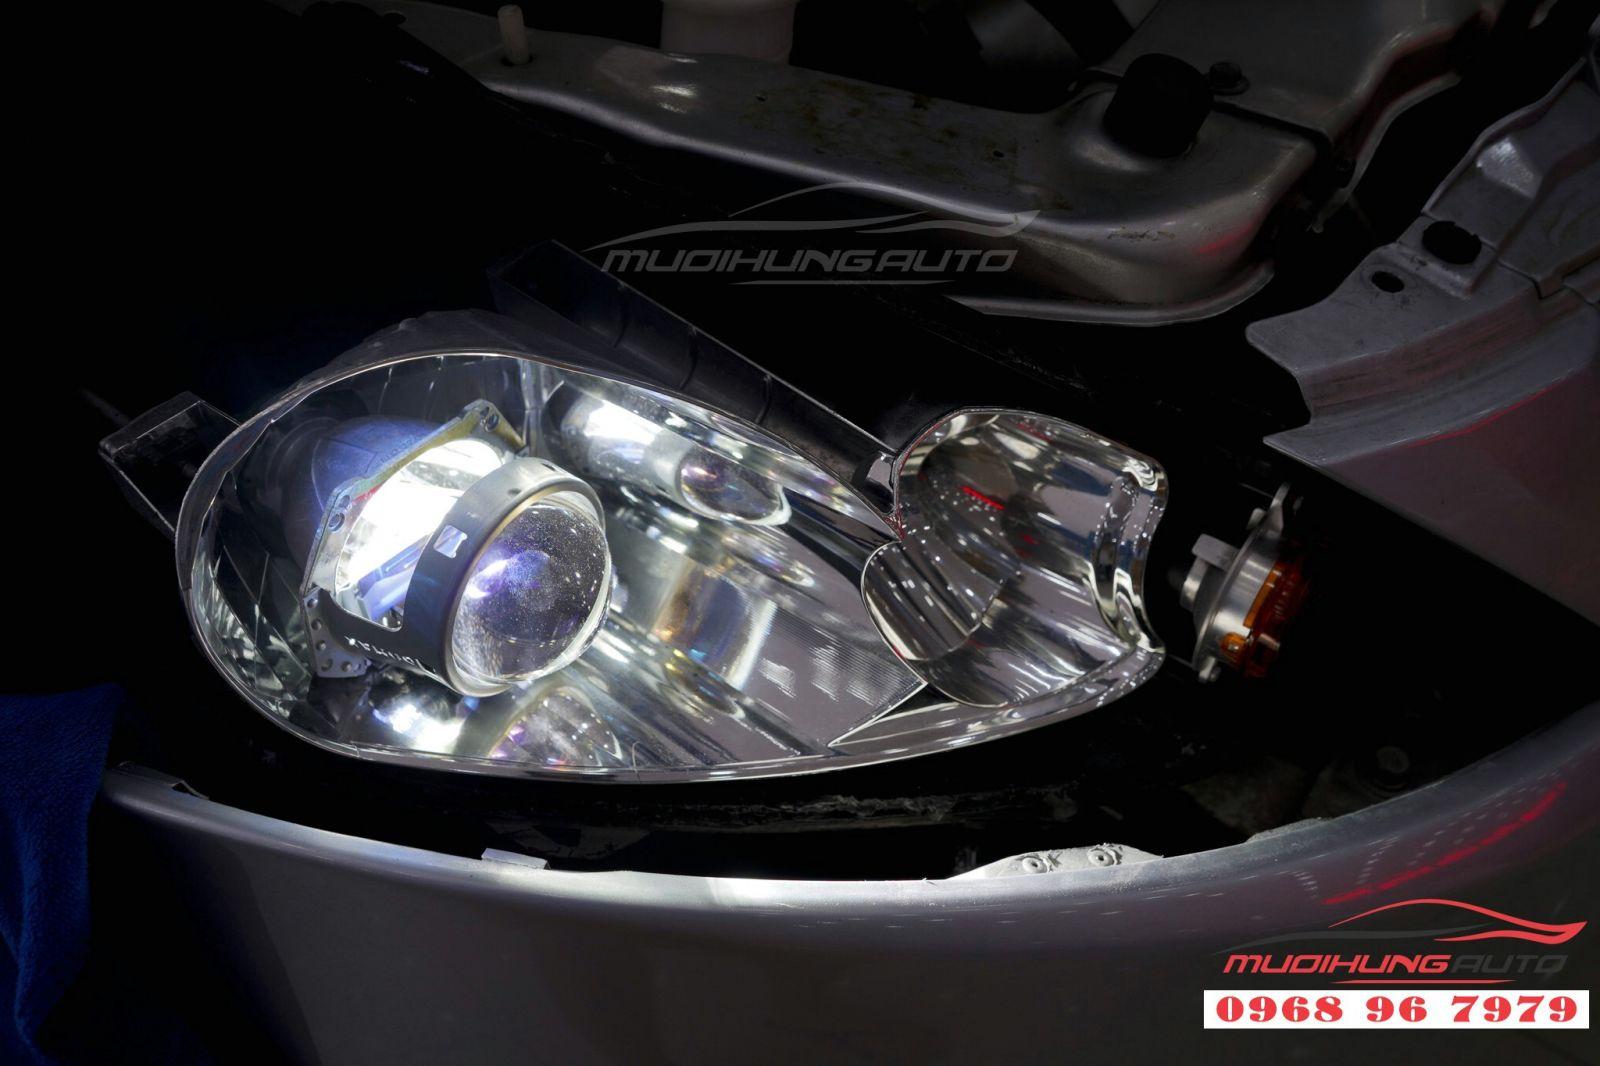 Độ bi xenon tăng sáng cho Grandis uy tín tại TP HCM 01